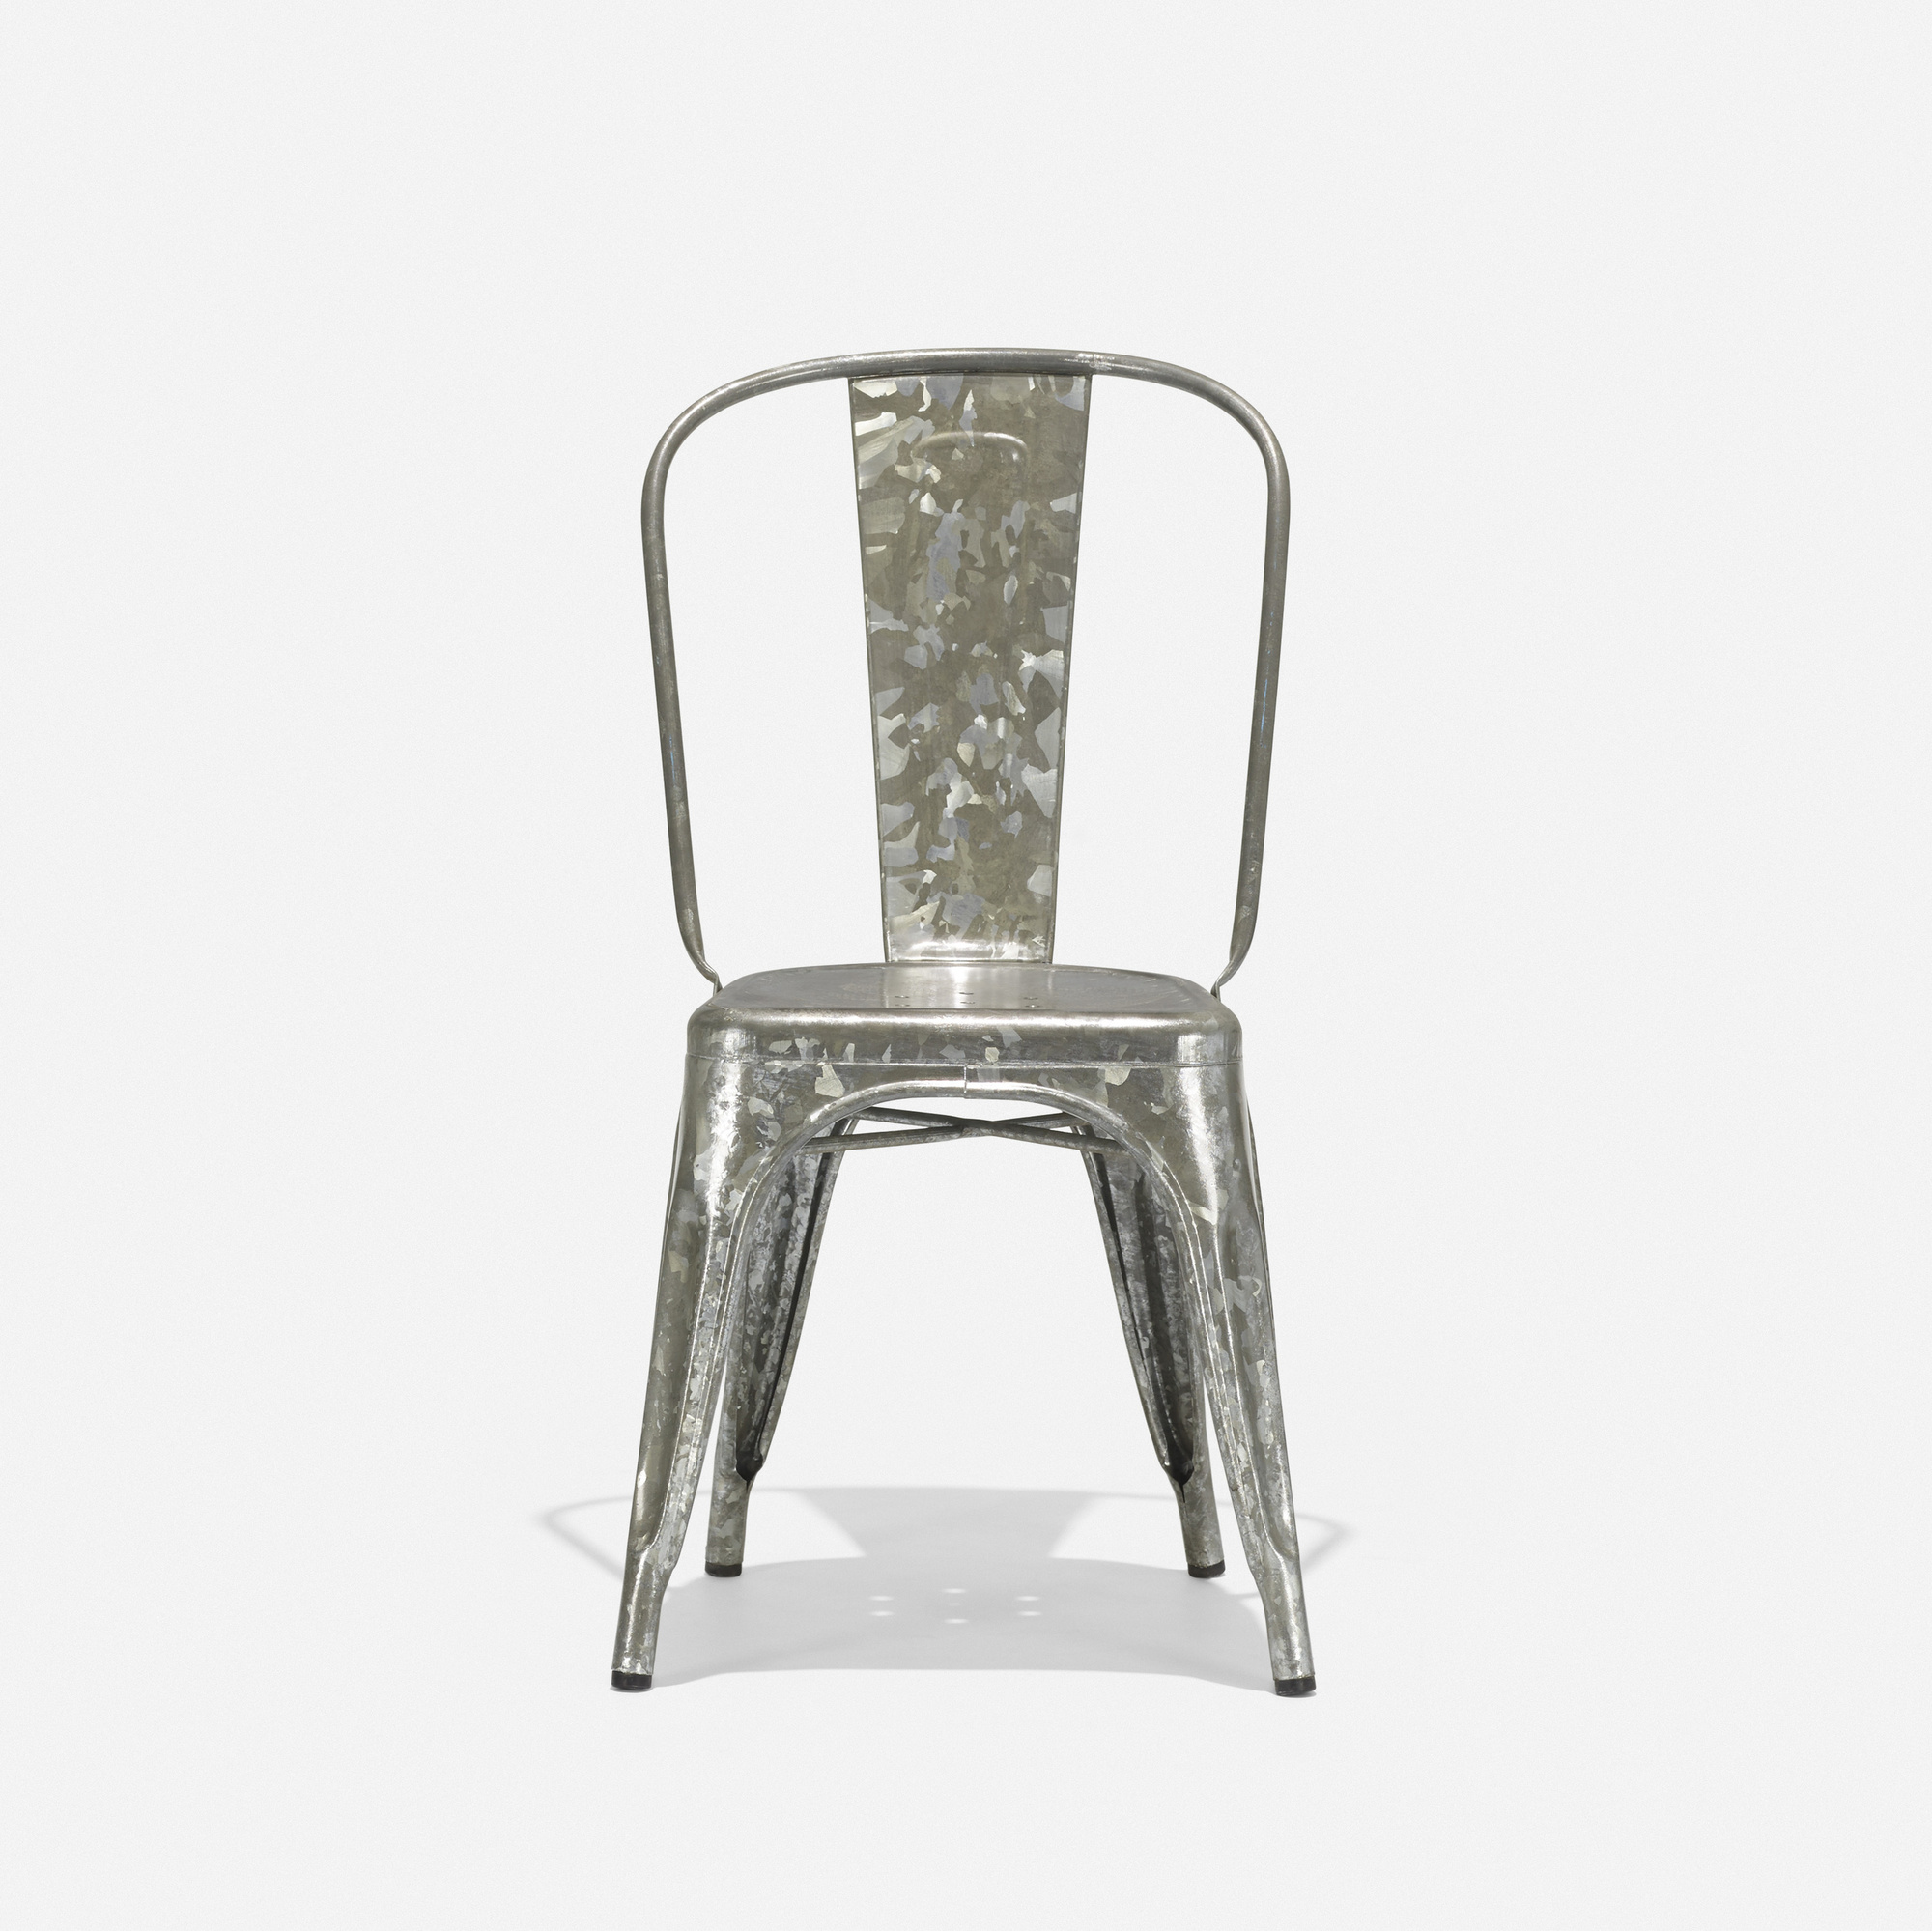 358: Xavier Pauchard / Model A chair (1 of 3)